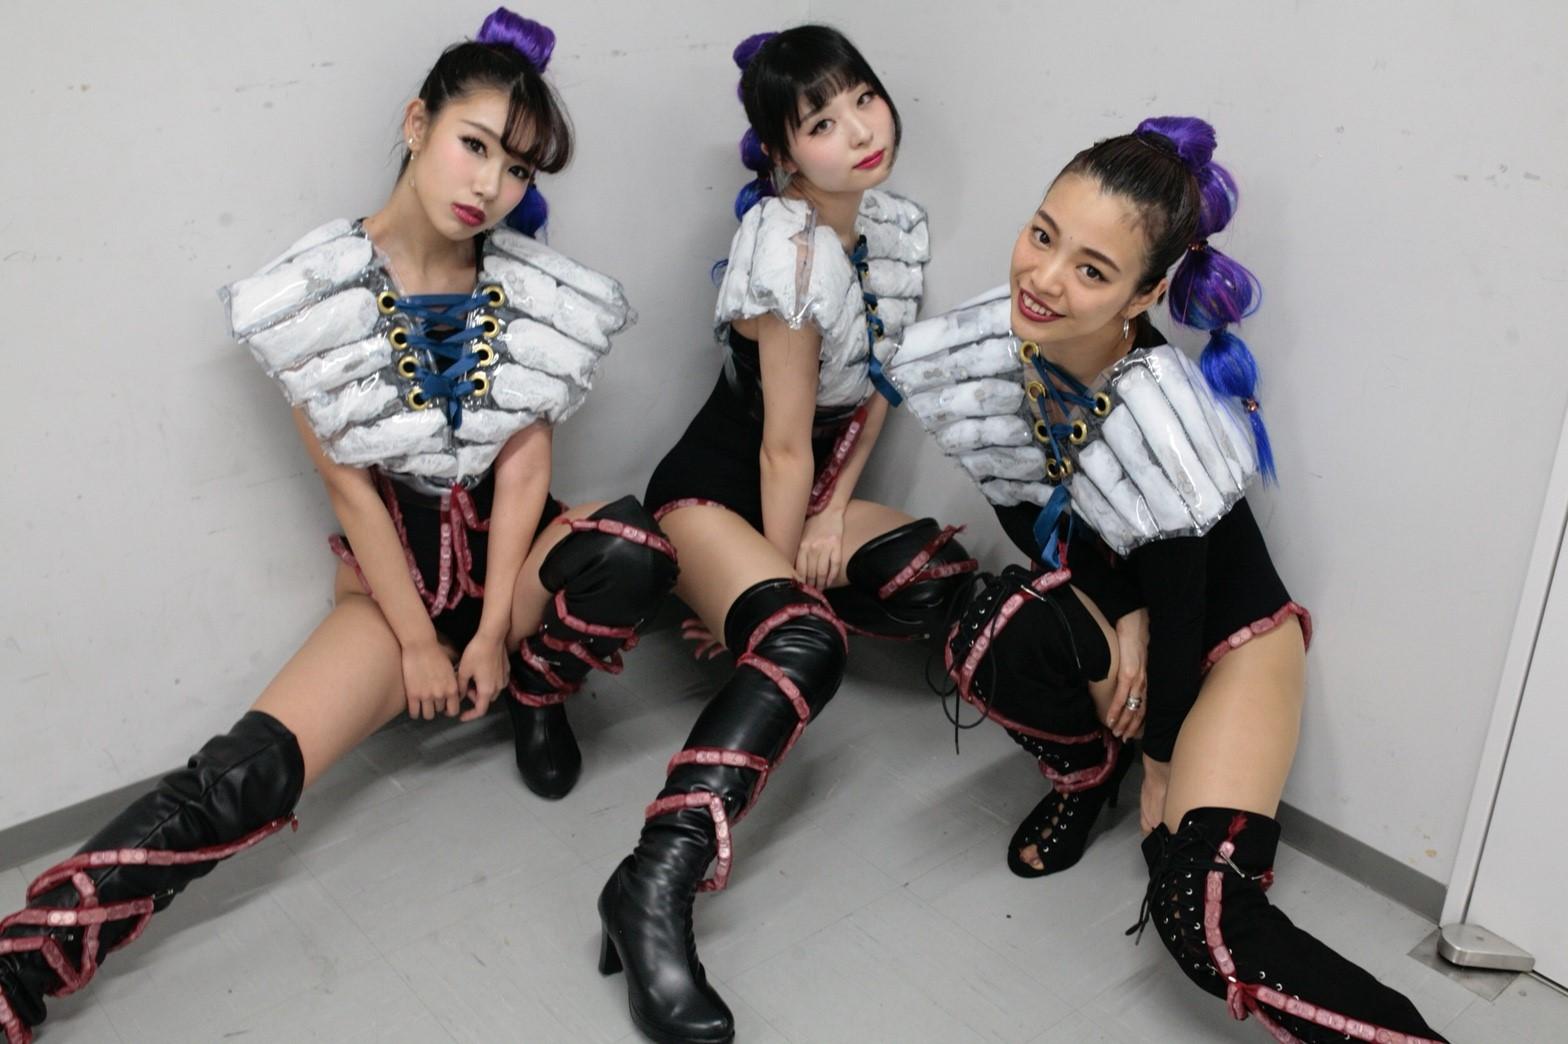 Neon dancers0331_180402_0034